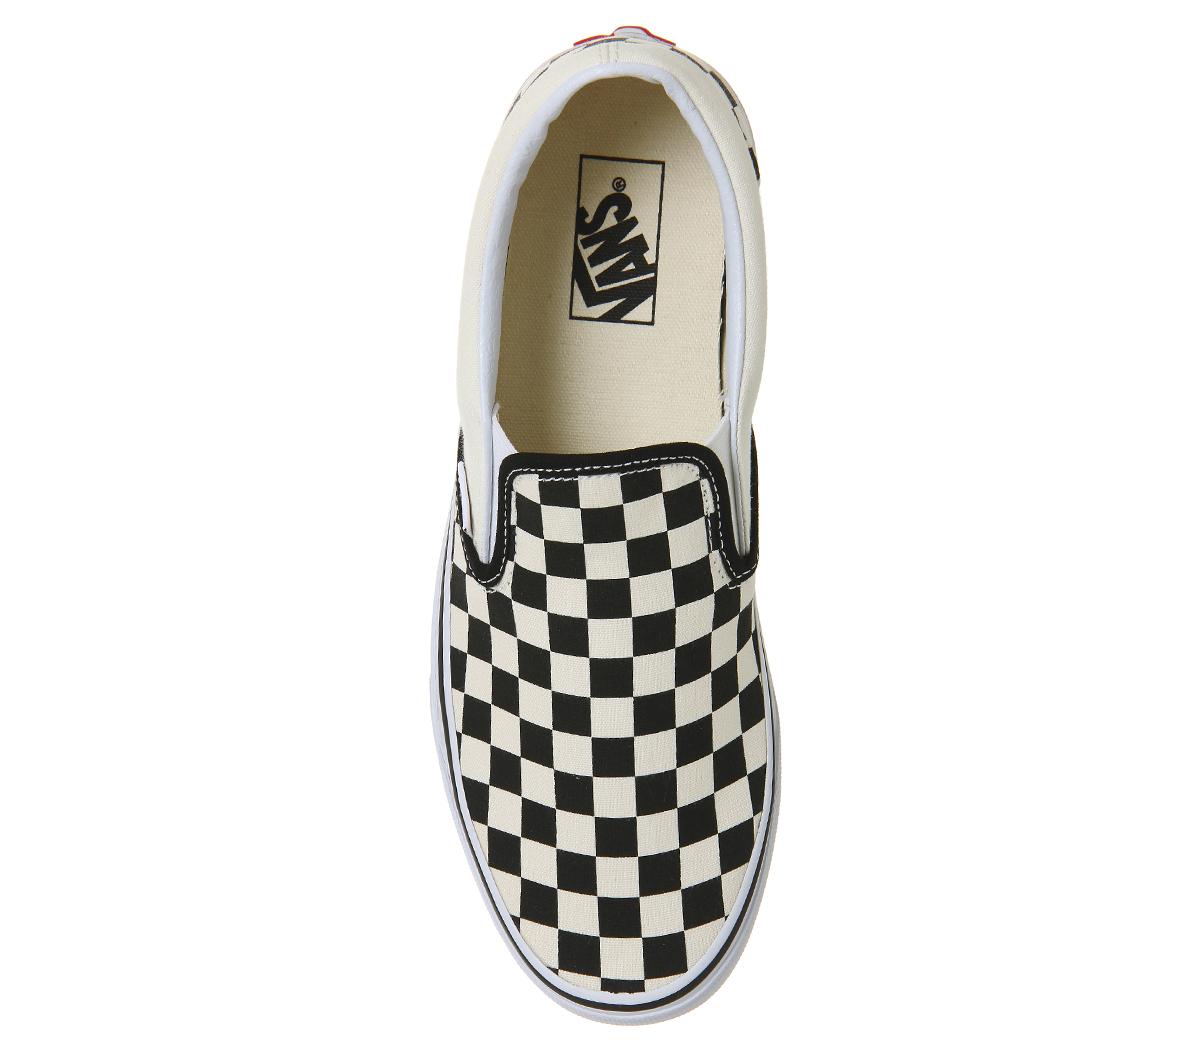 Slip On et Mens Classic à Vans noirs blancs carreaux Chaussures Trainers HWtWaExUn